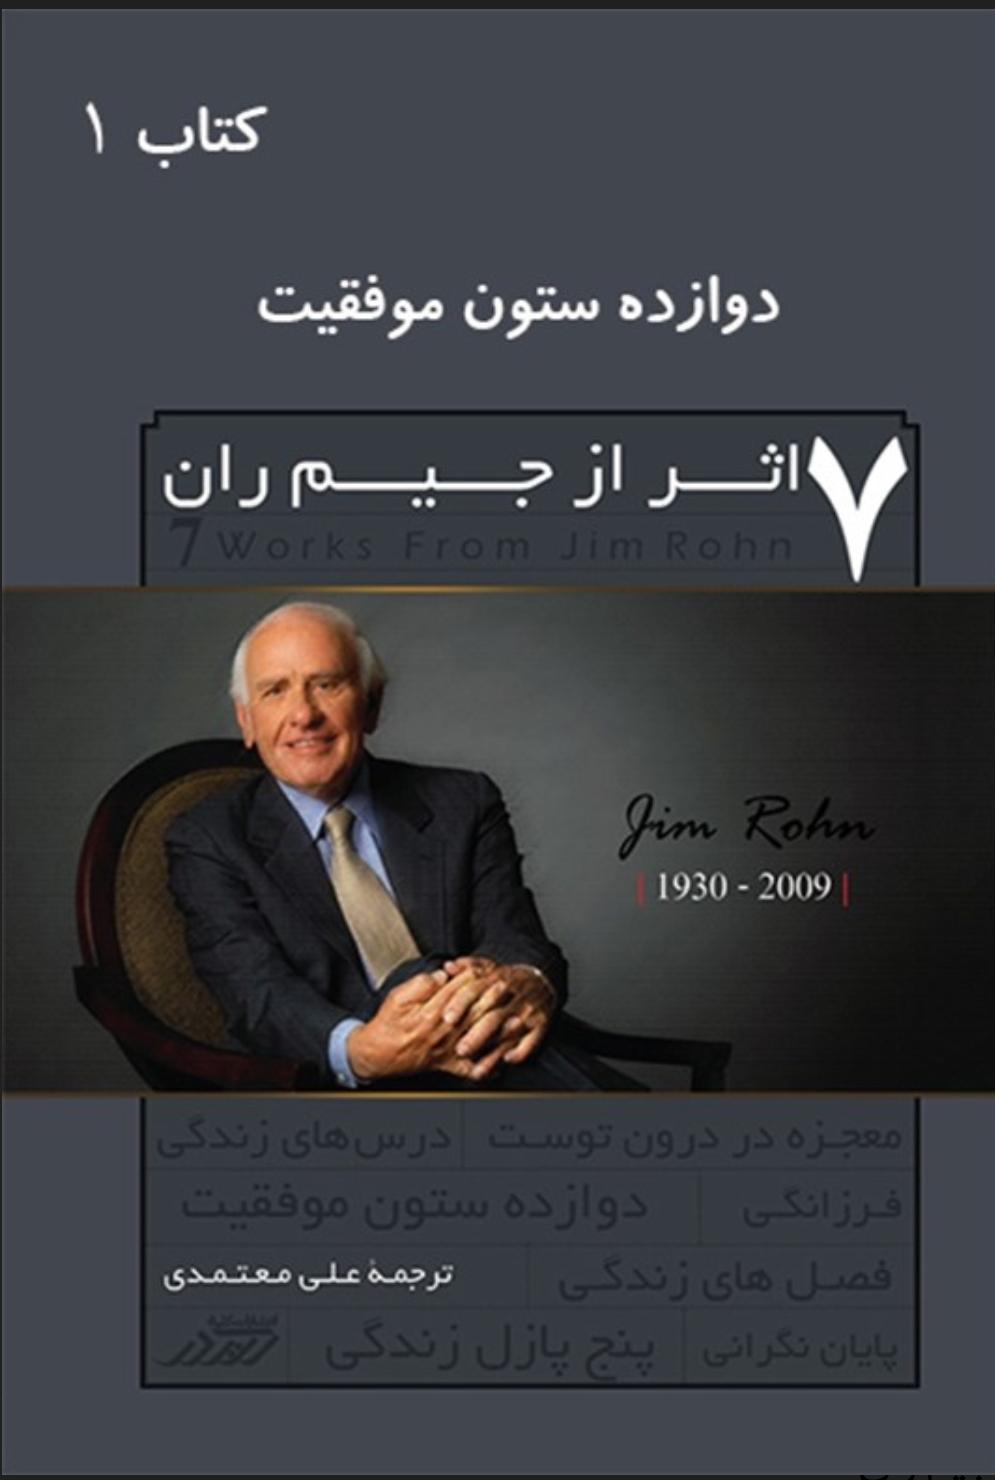 کتب موفقیت دکتر مهندس جیم ران